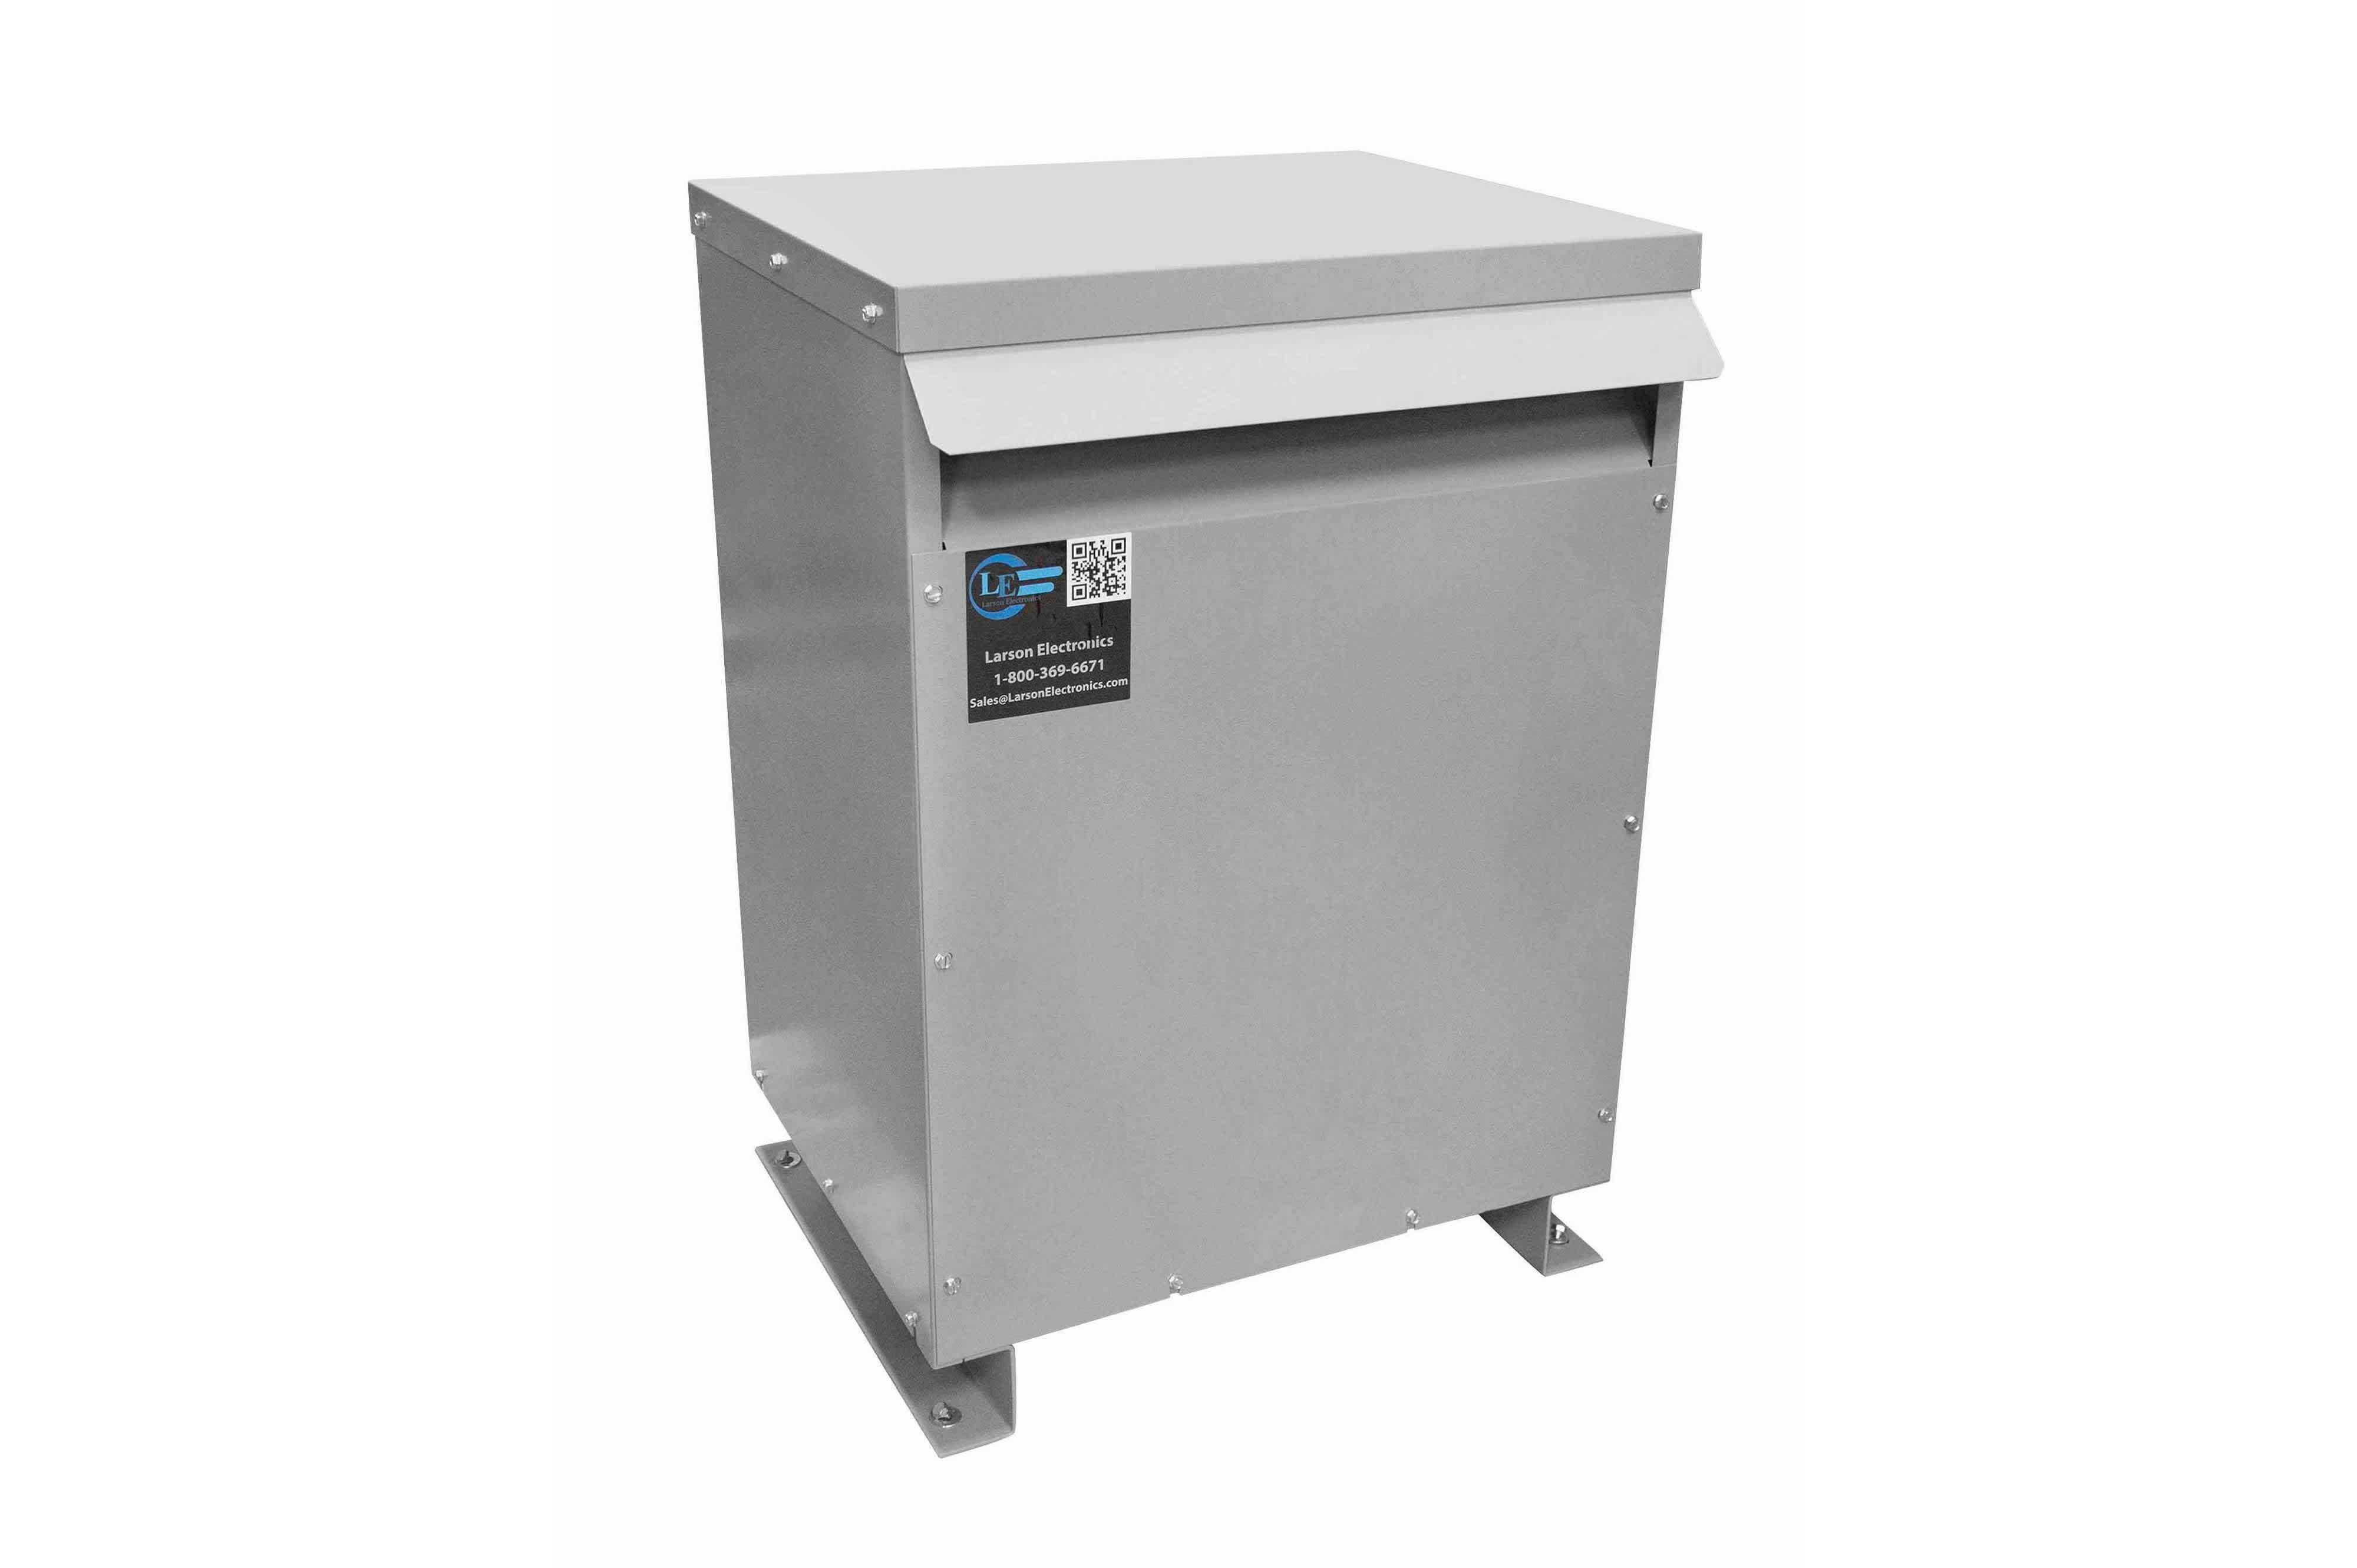 40 kVA 3PH Isolation Transformer, 400V Delta Primary, 600V Delta Secondary, N3R, Ventilated, 60 Hz